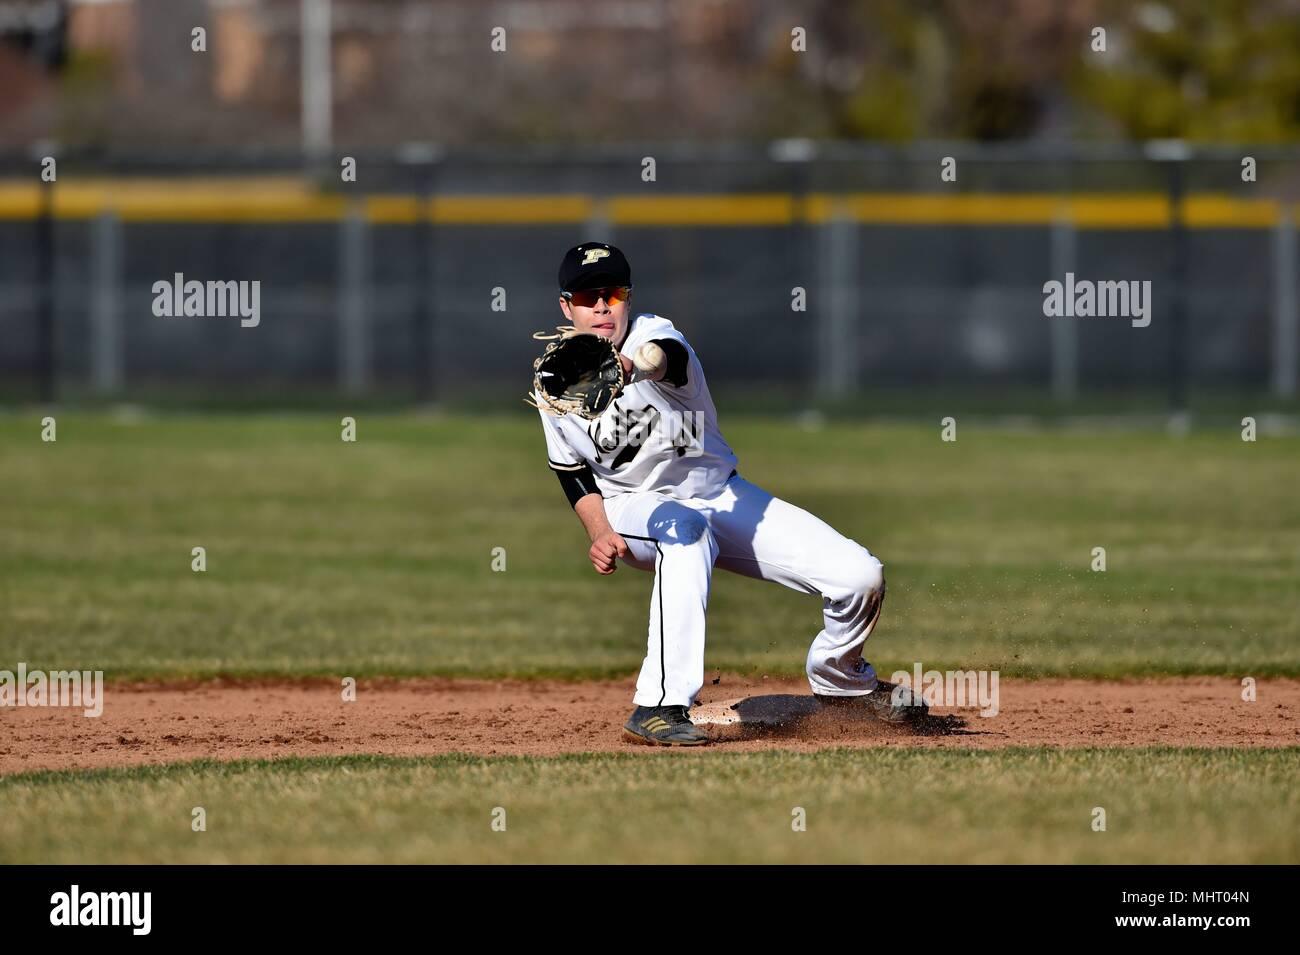 Interbase ricevendo un tiro dalla sua catcher ben in anticipo dell'arrivo di un runner contrapposti. Stati Uniti d'America. Immagini Stock